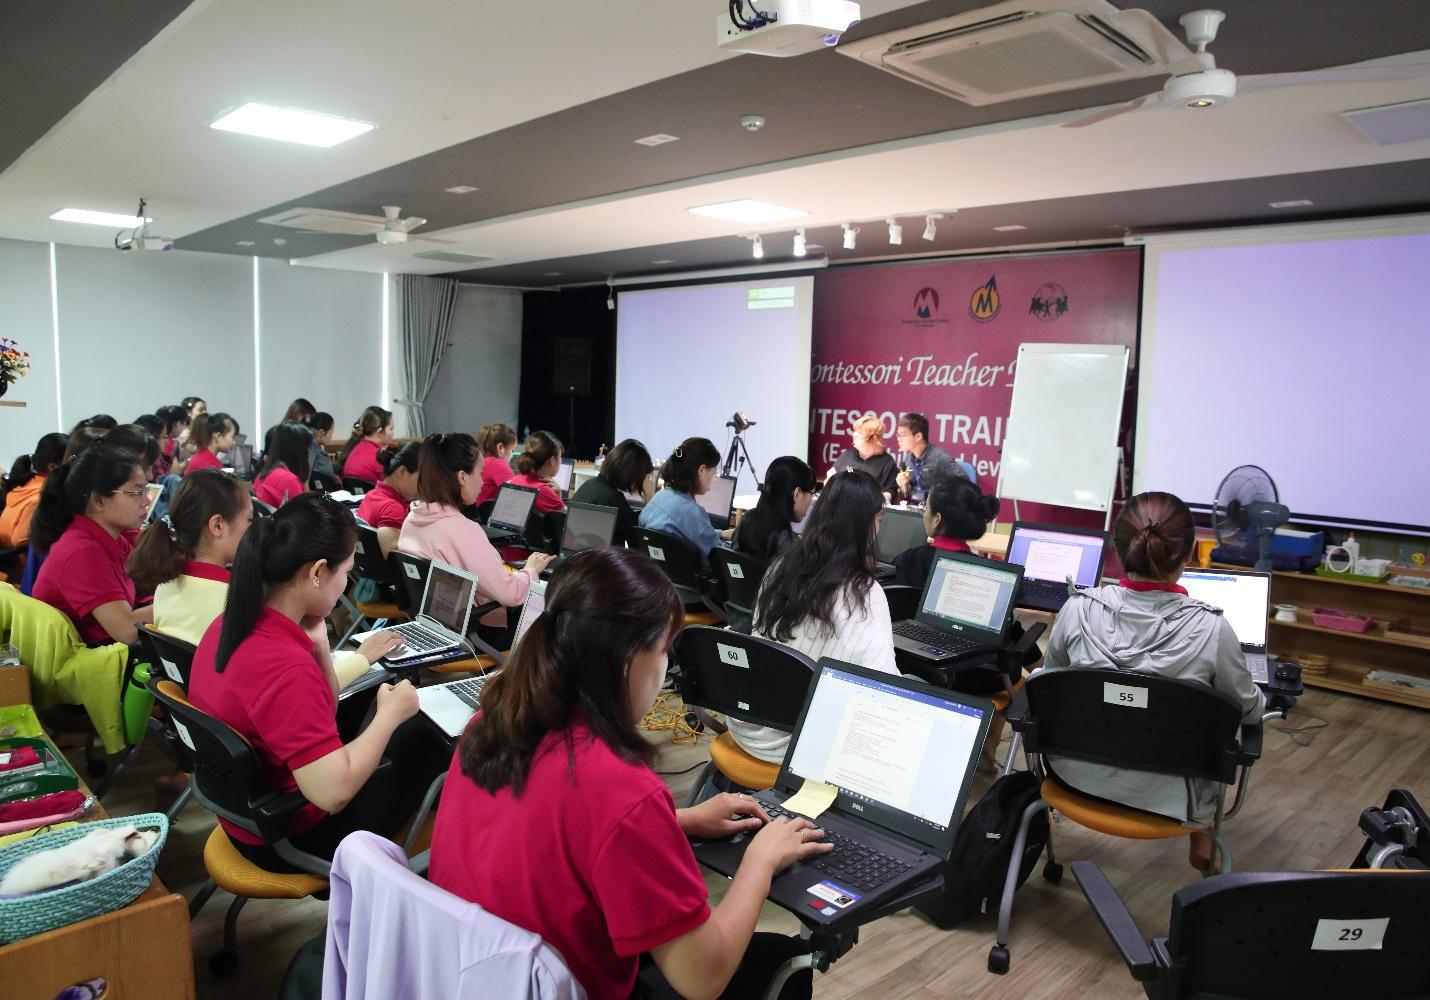 Khám phá trường mầm non tiên phong phương pháp Montessori tại Việt Nam - Ảnh 2.